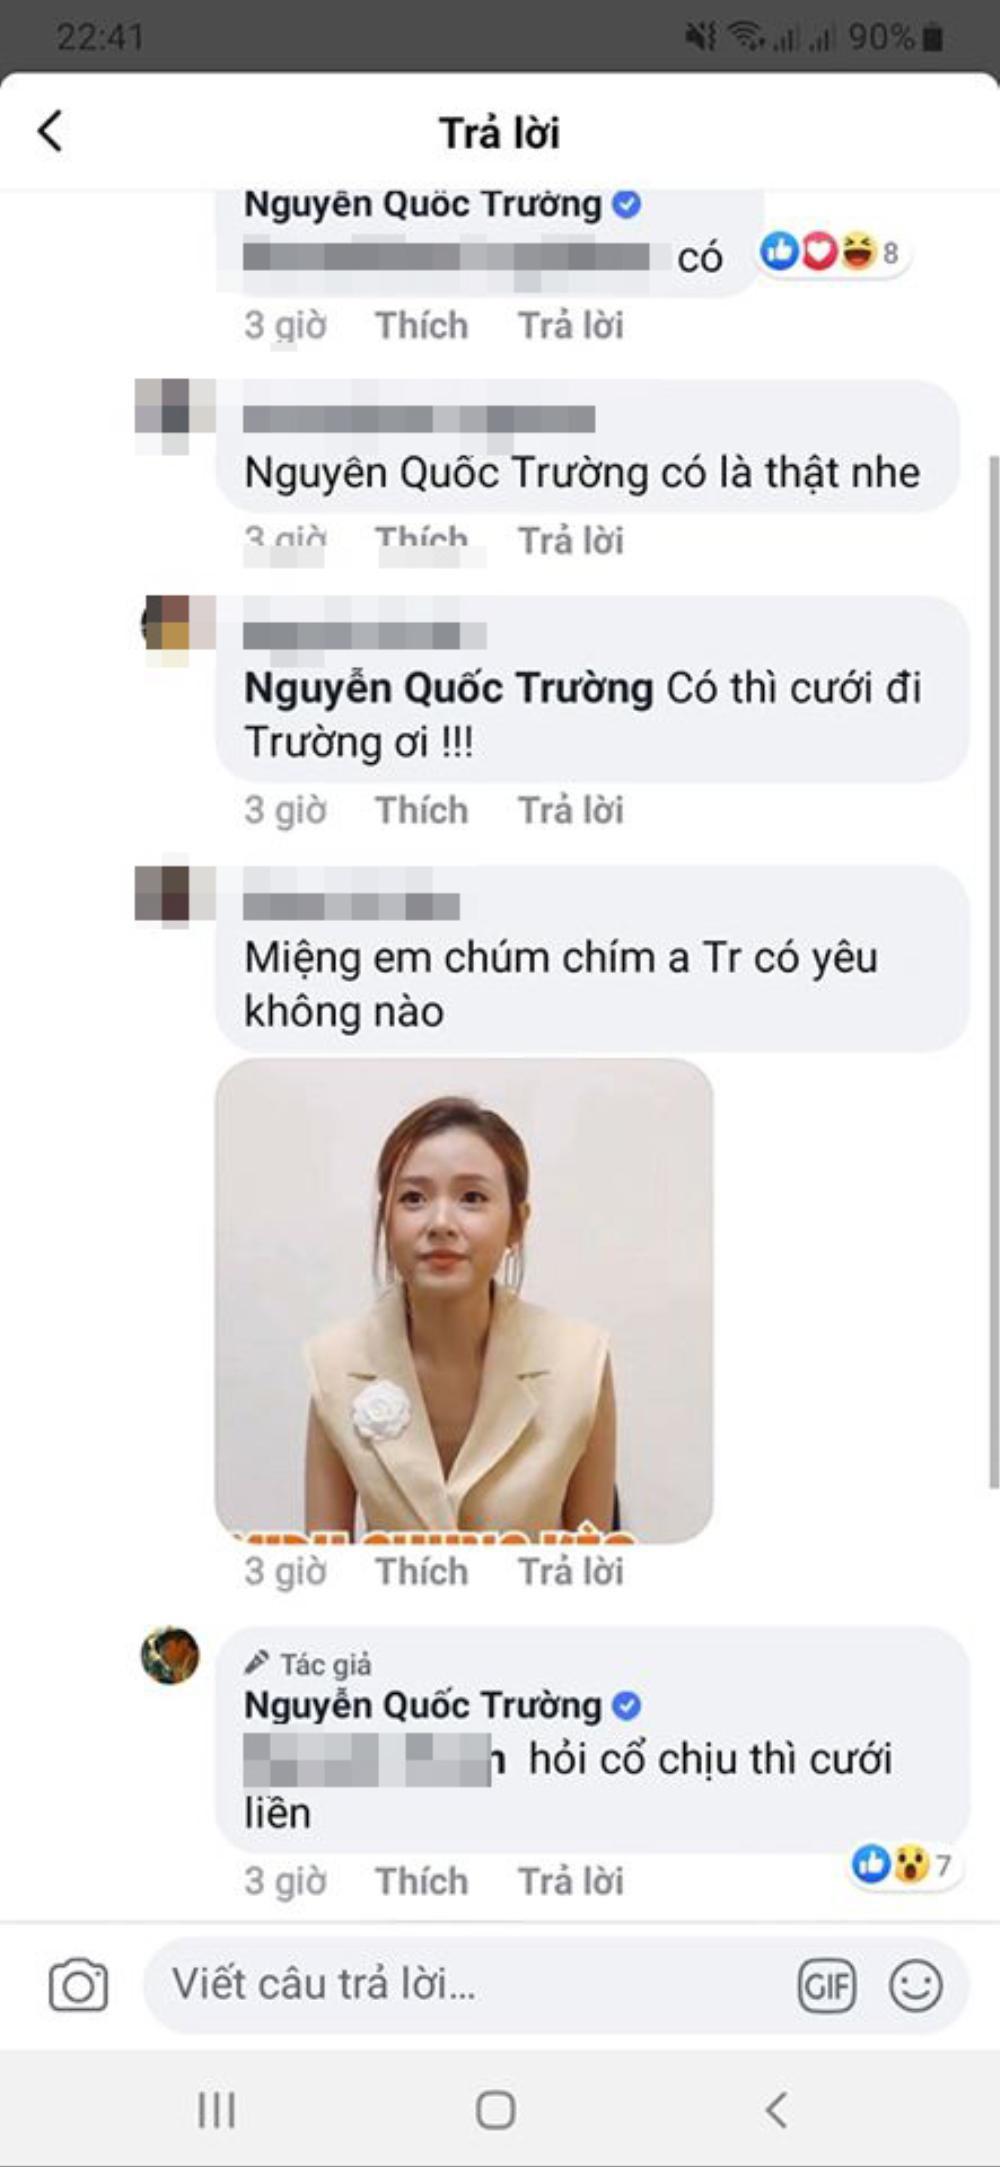 Trước khi vướng tin đồn hẹn hò Minh Hằng, Quốc Trường từng bị nghi 'cặp kè' loạt mĩ nhân Việt Ảnh 8